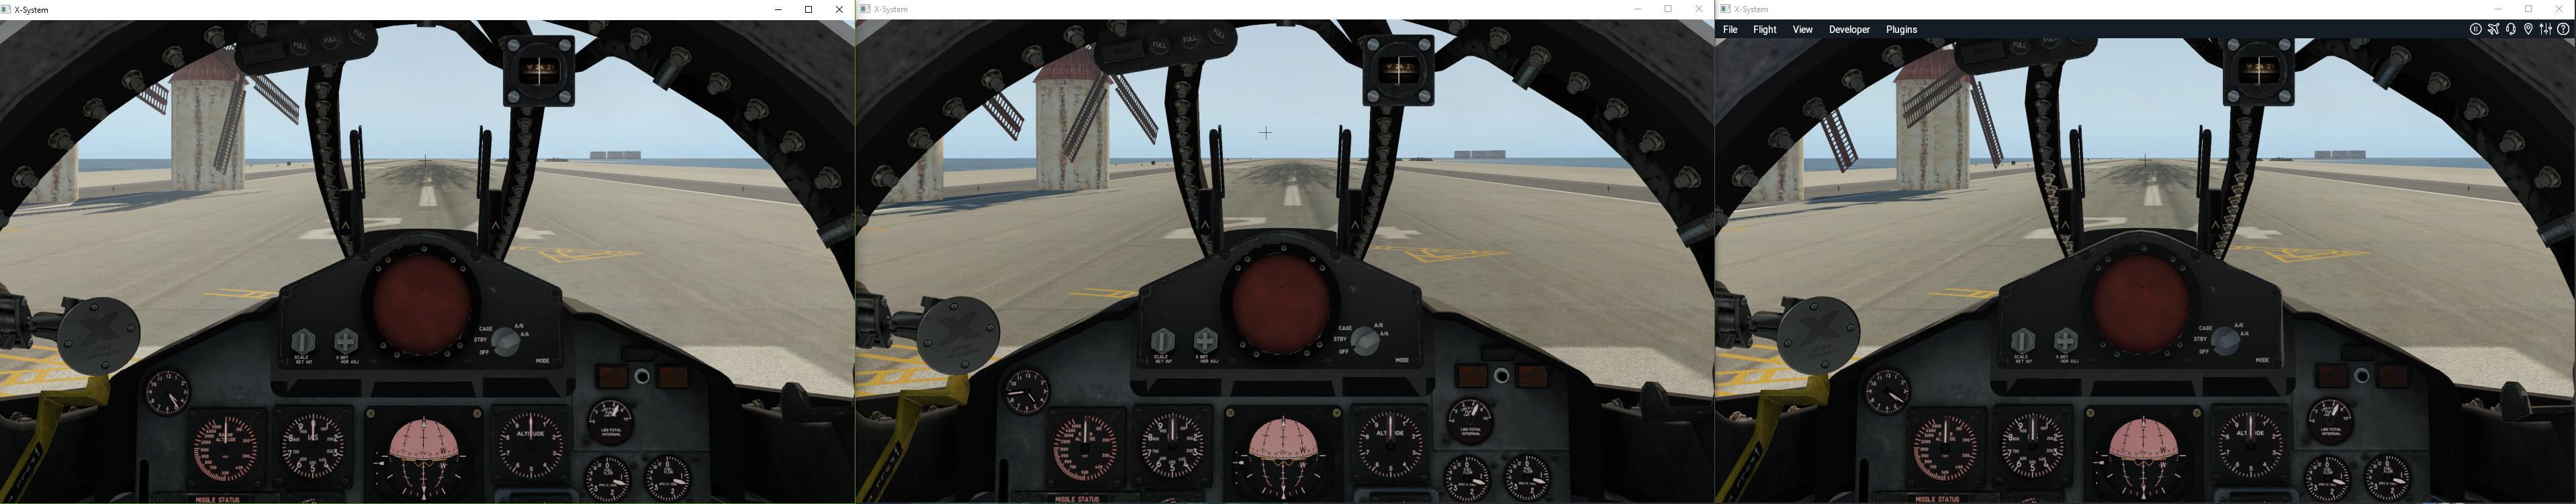 F-4_cockpit_249_280